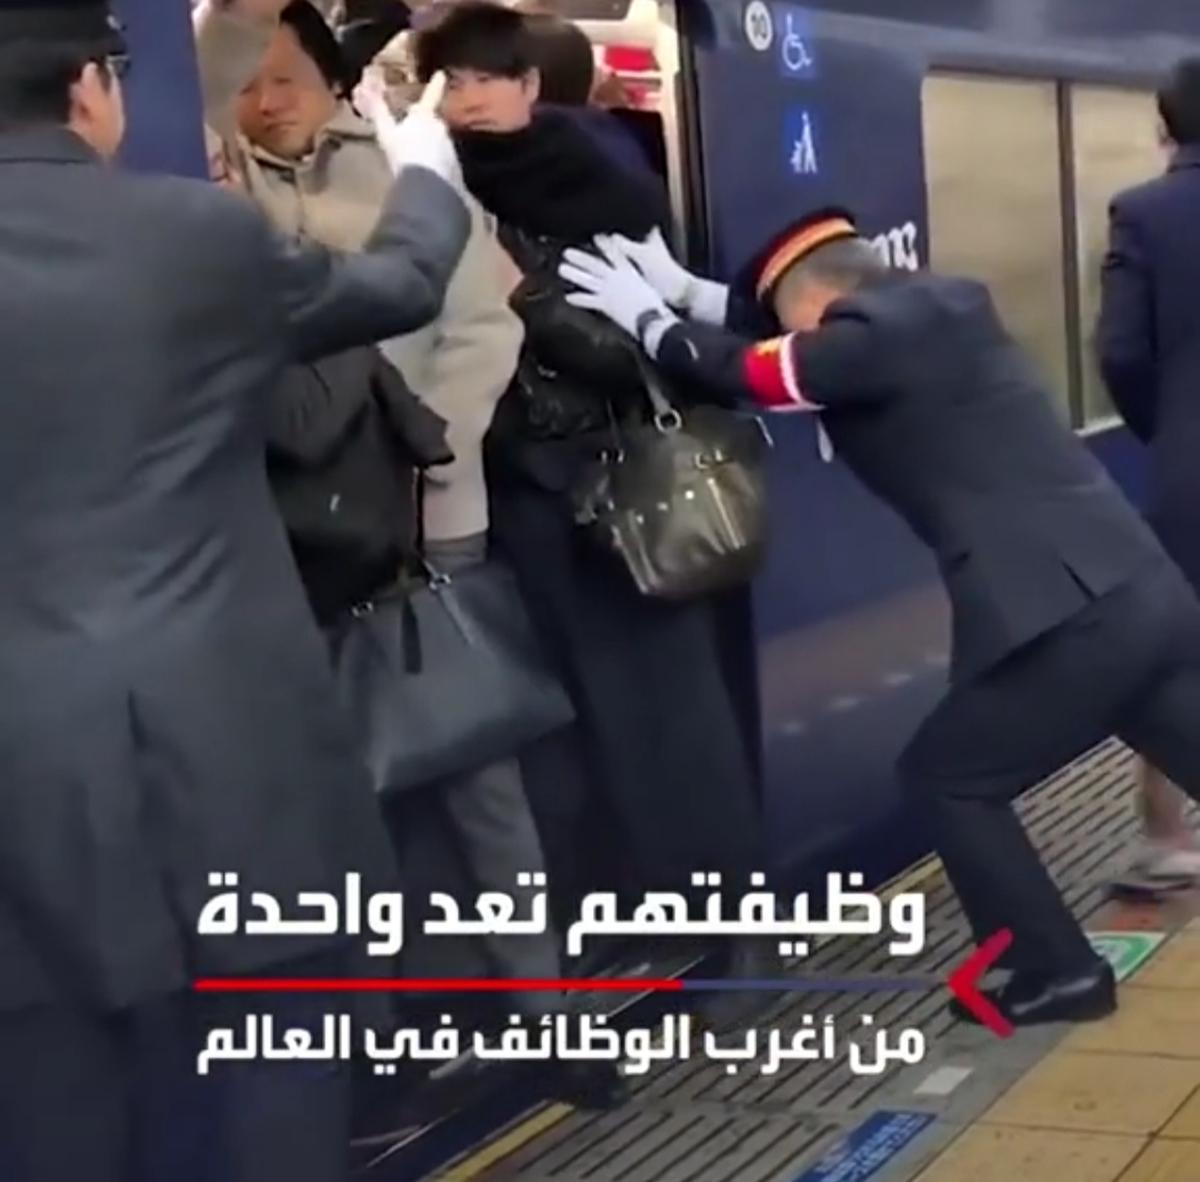 شغل عجیب جا دادن مسافران مترو! + ویدئو